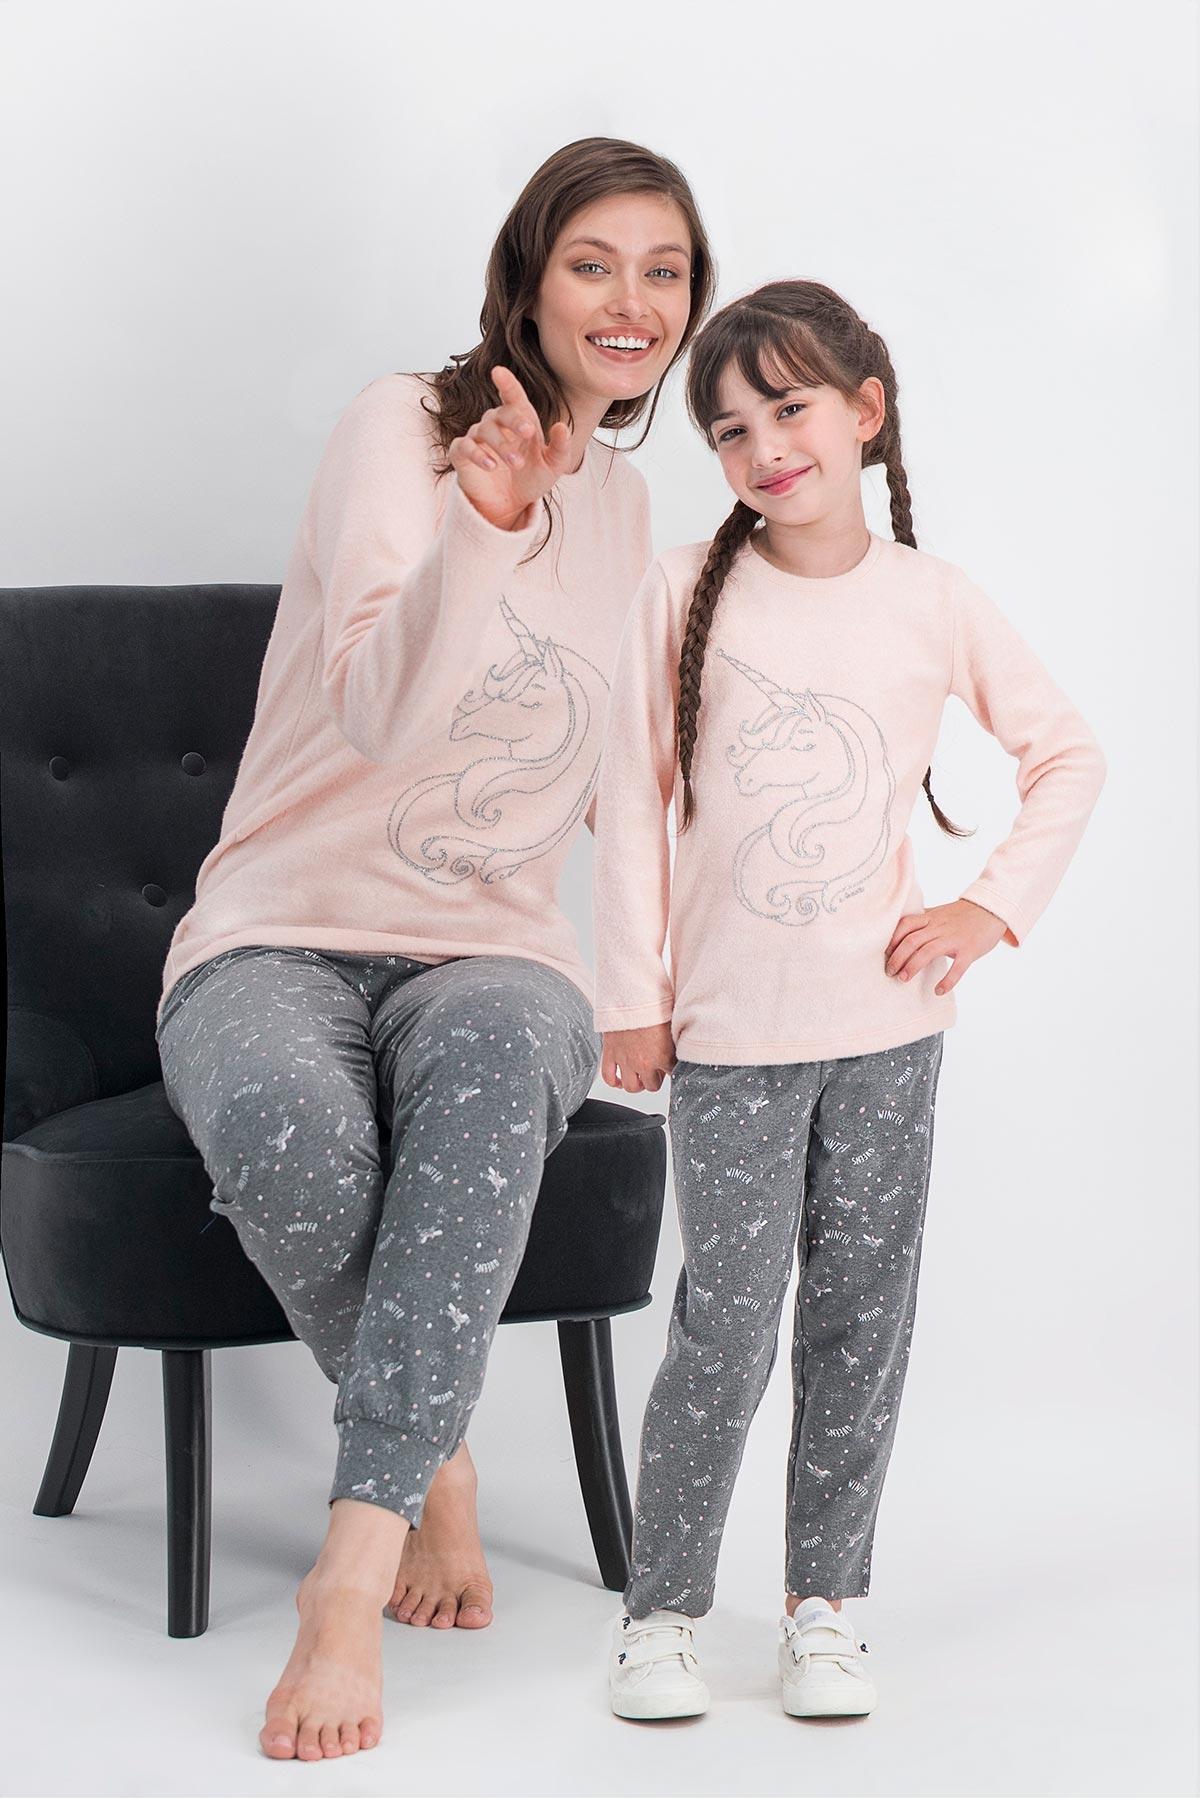 Arnetta Unicorn Fly Only Pembemelanj Anne Kız Pijama Takımı